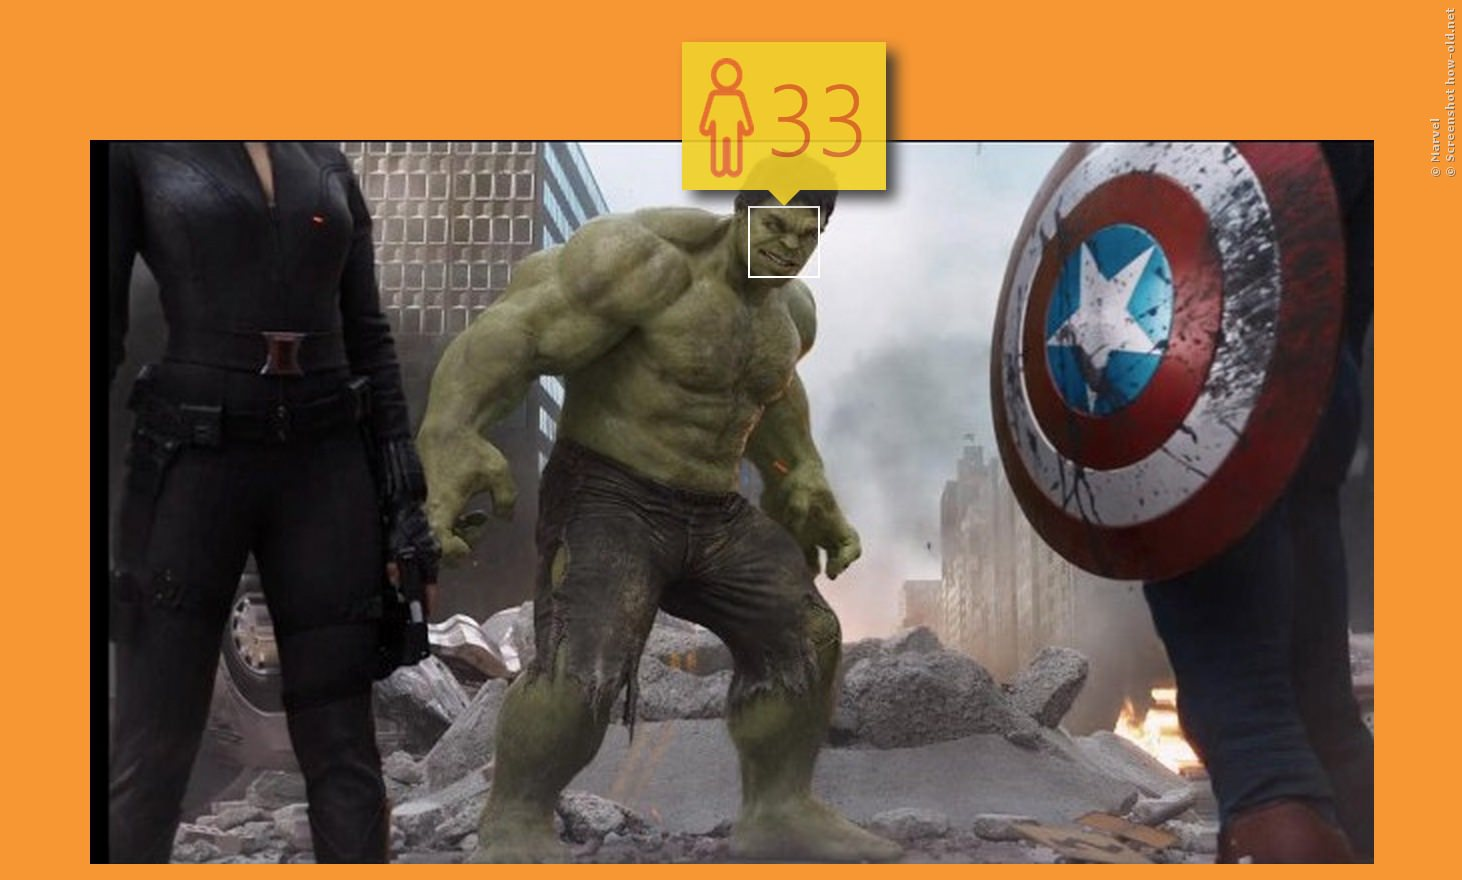 Das Wutmonster Hulk hat den Körper von drei 33jährigen Bodybuildern!